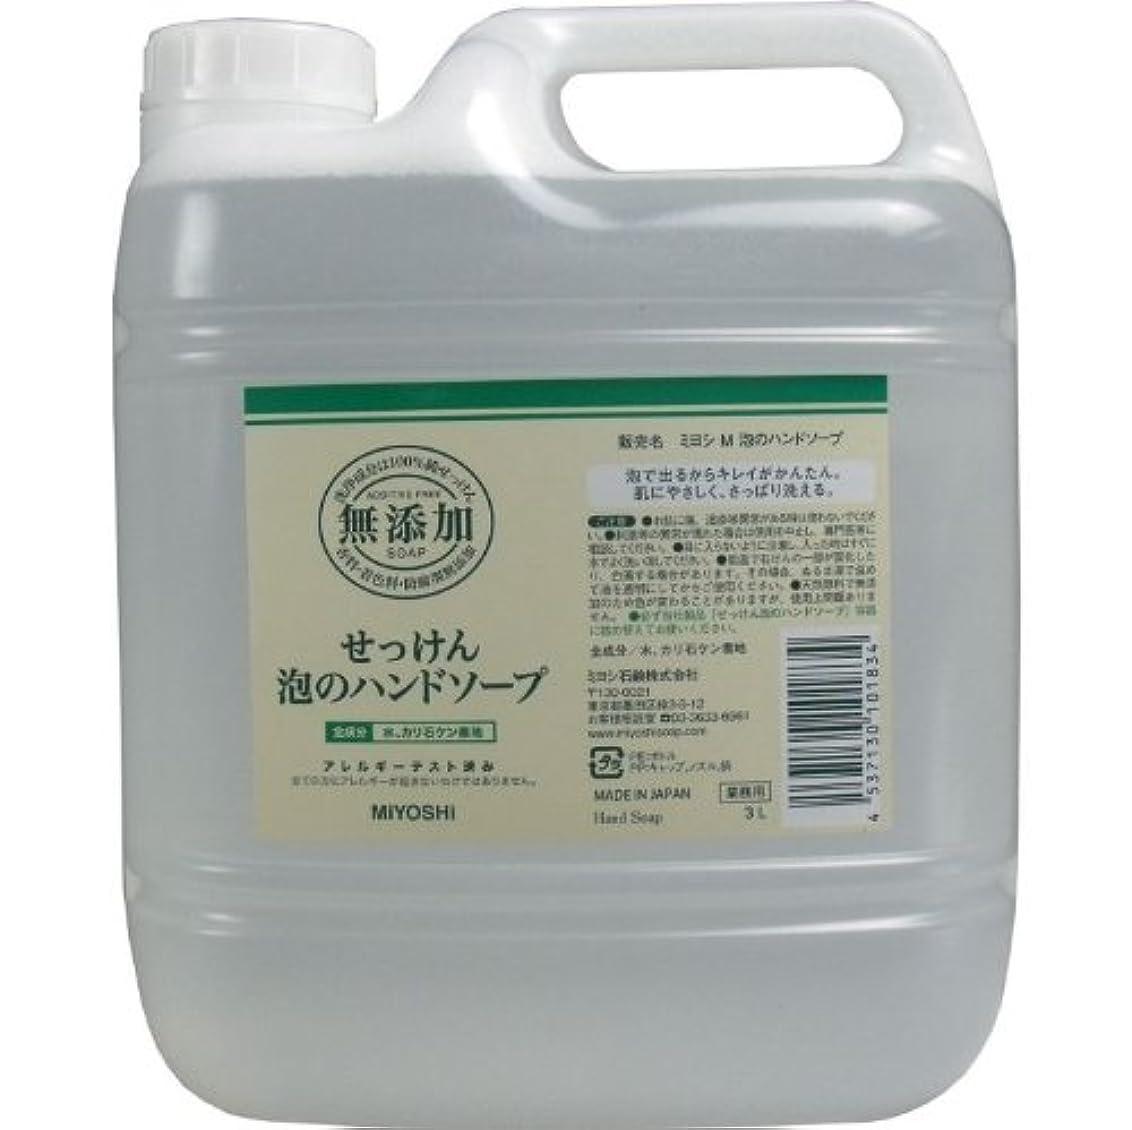 誓うプール囲まれた泡で出るからキレイが簡単!家事の間のサッと洗いも簡単!香料、着色料、防腐剤無添加!(業務用)3L【3個セット】